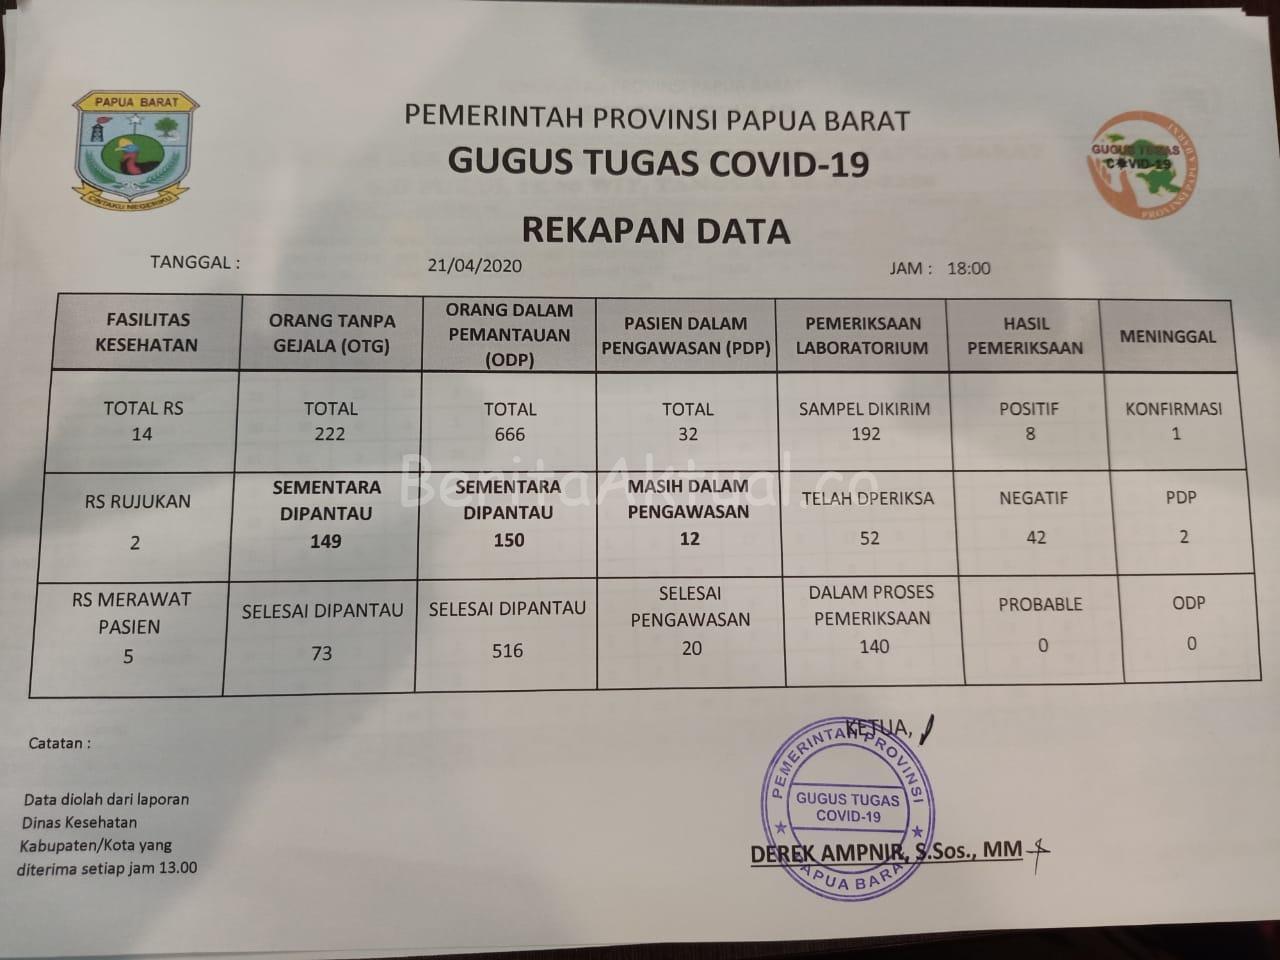 OTG di Papua Barat Per 21 April Bertambah 40 Orang 6 IMG 20200421 WA0073